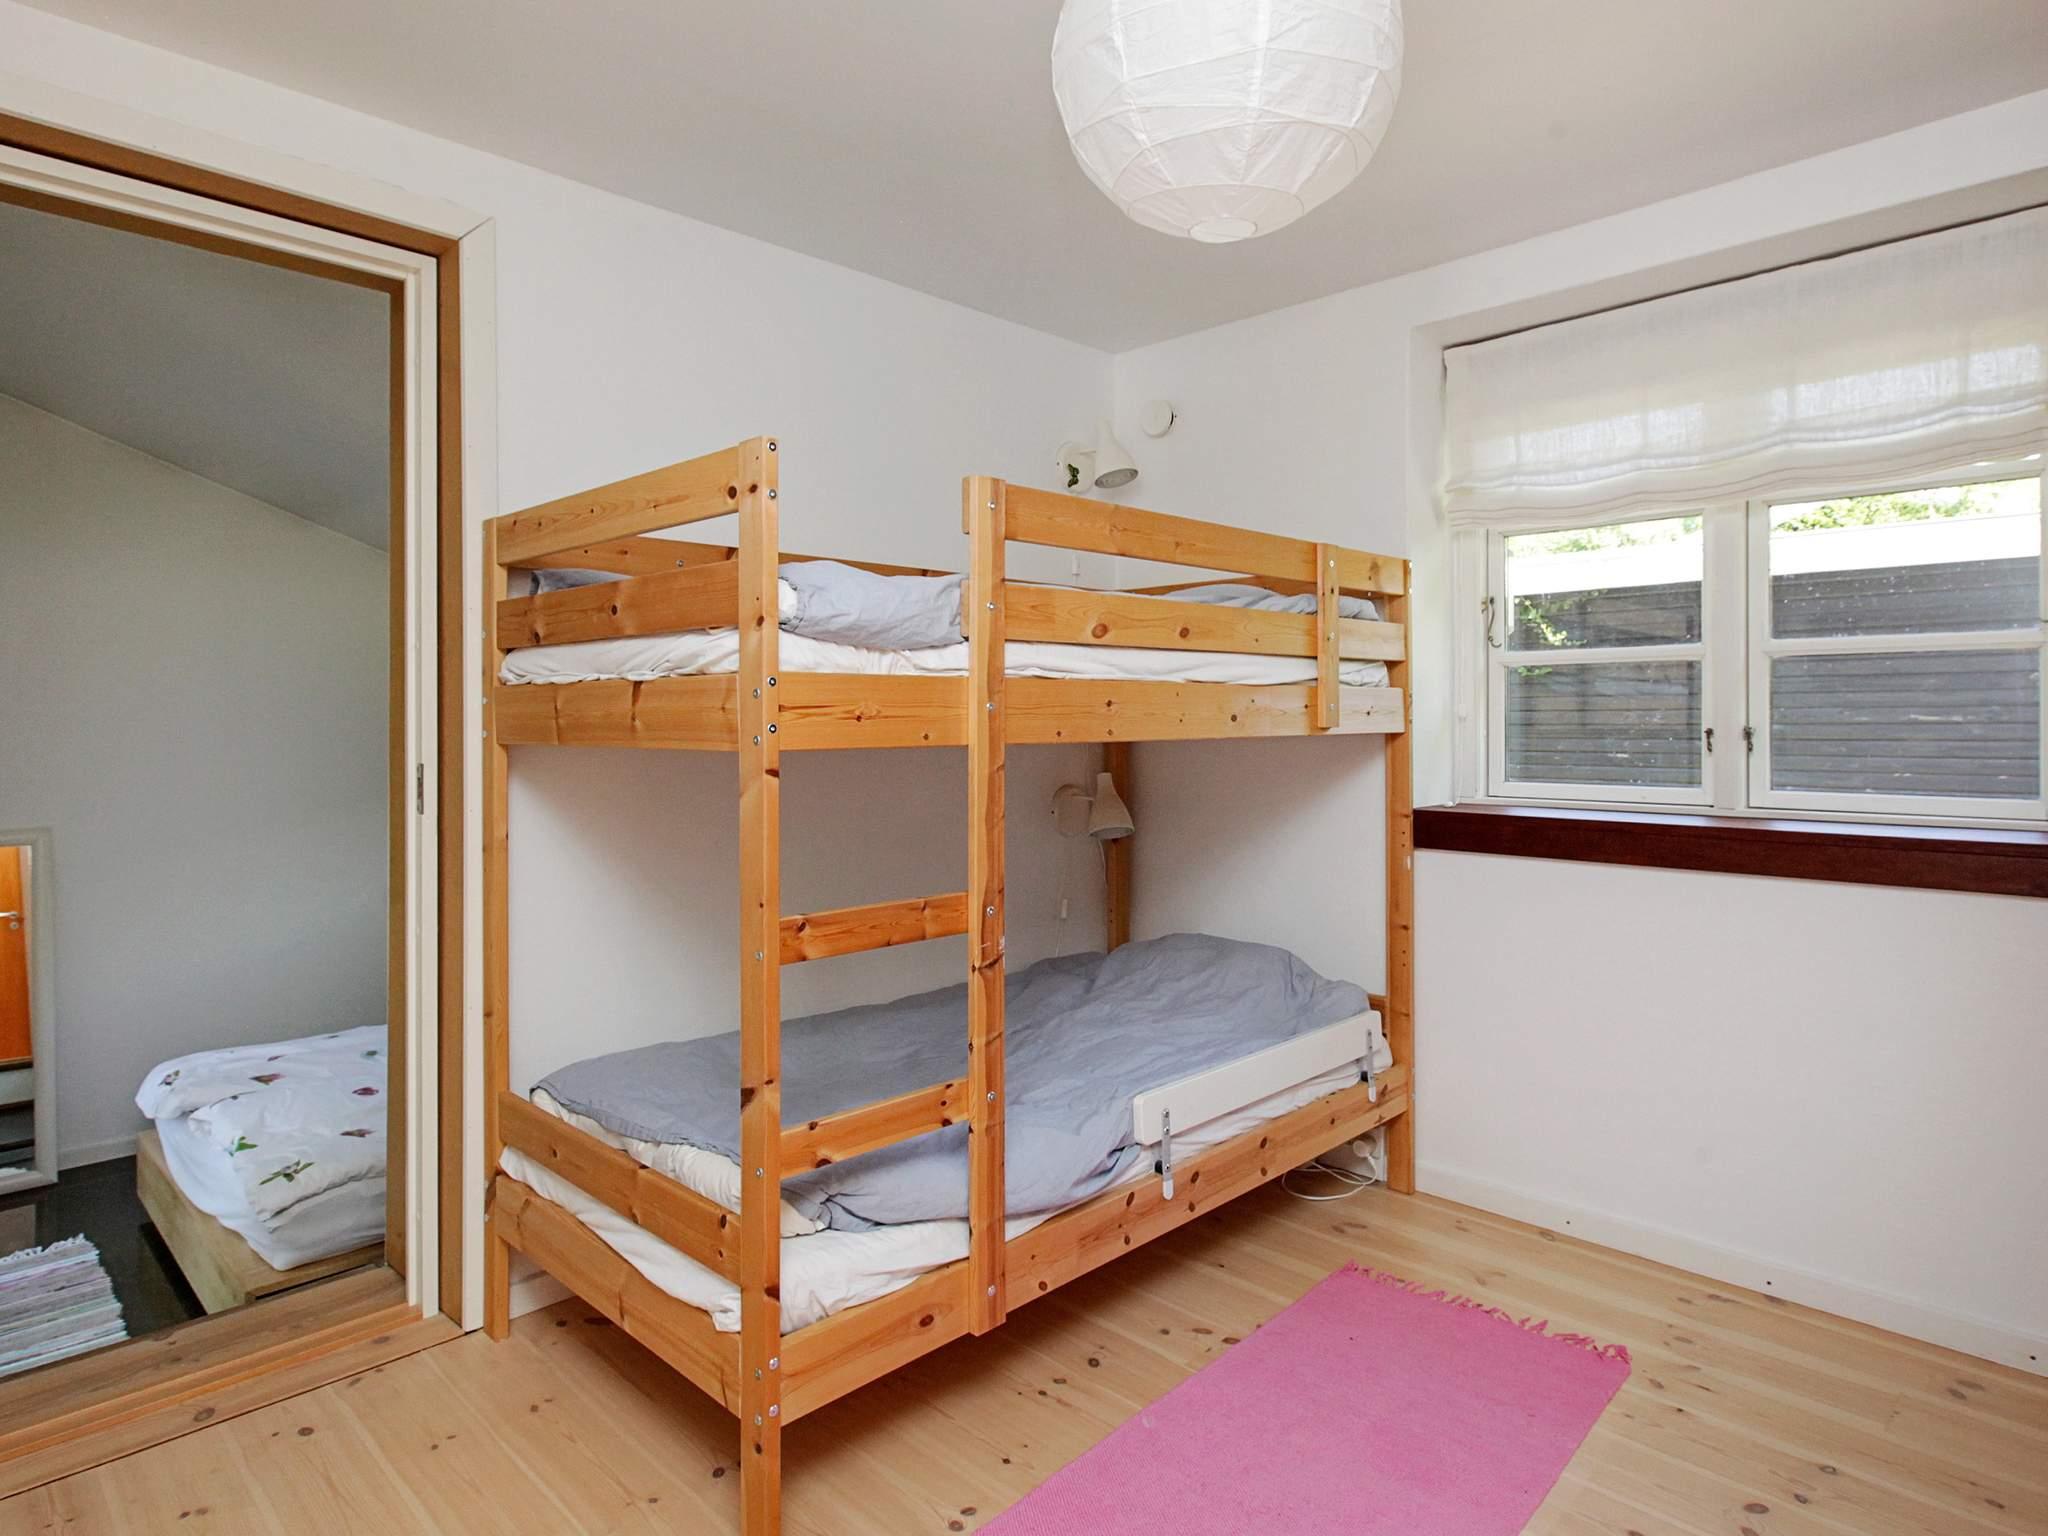 Ferienhaus Udsholt Strand (2417490), Udsholt, , Nordseeland, Dänemark, Bild 10